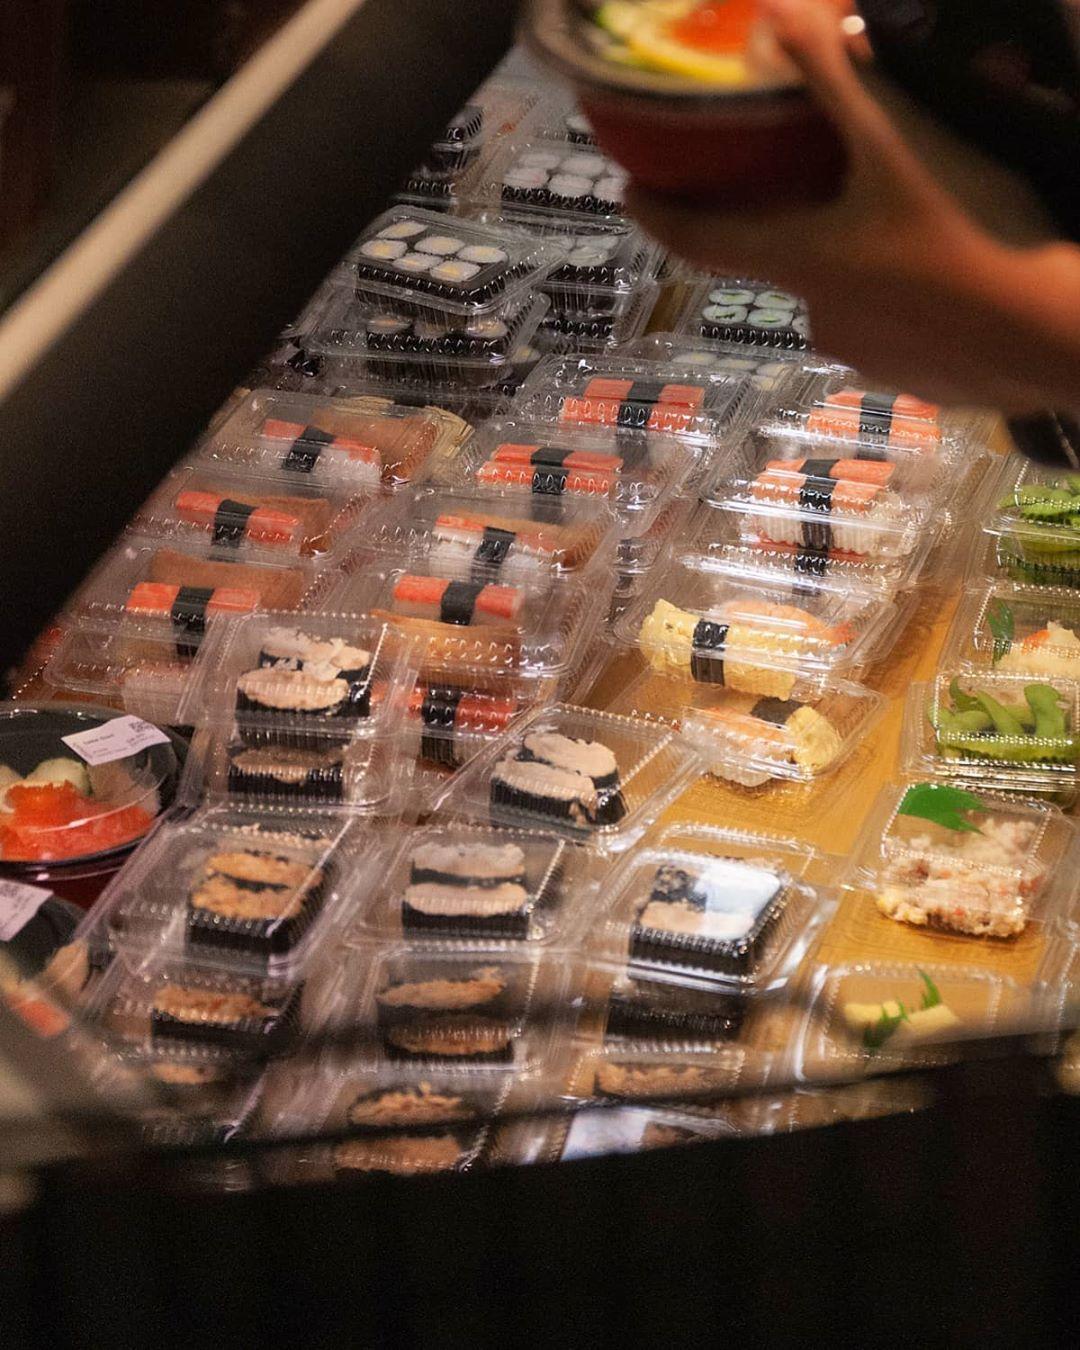 Umisushi Japanese Food Delivery Singapore